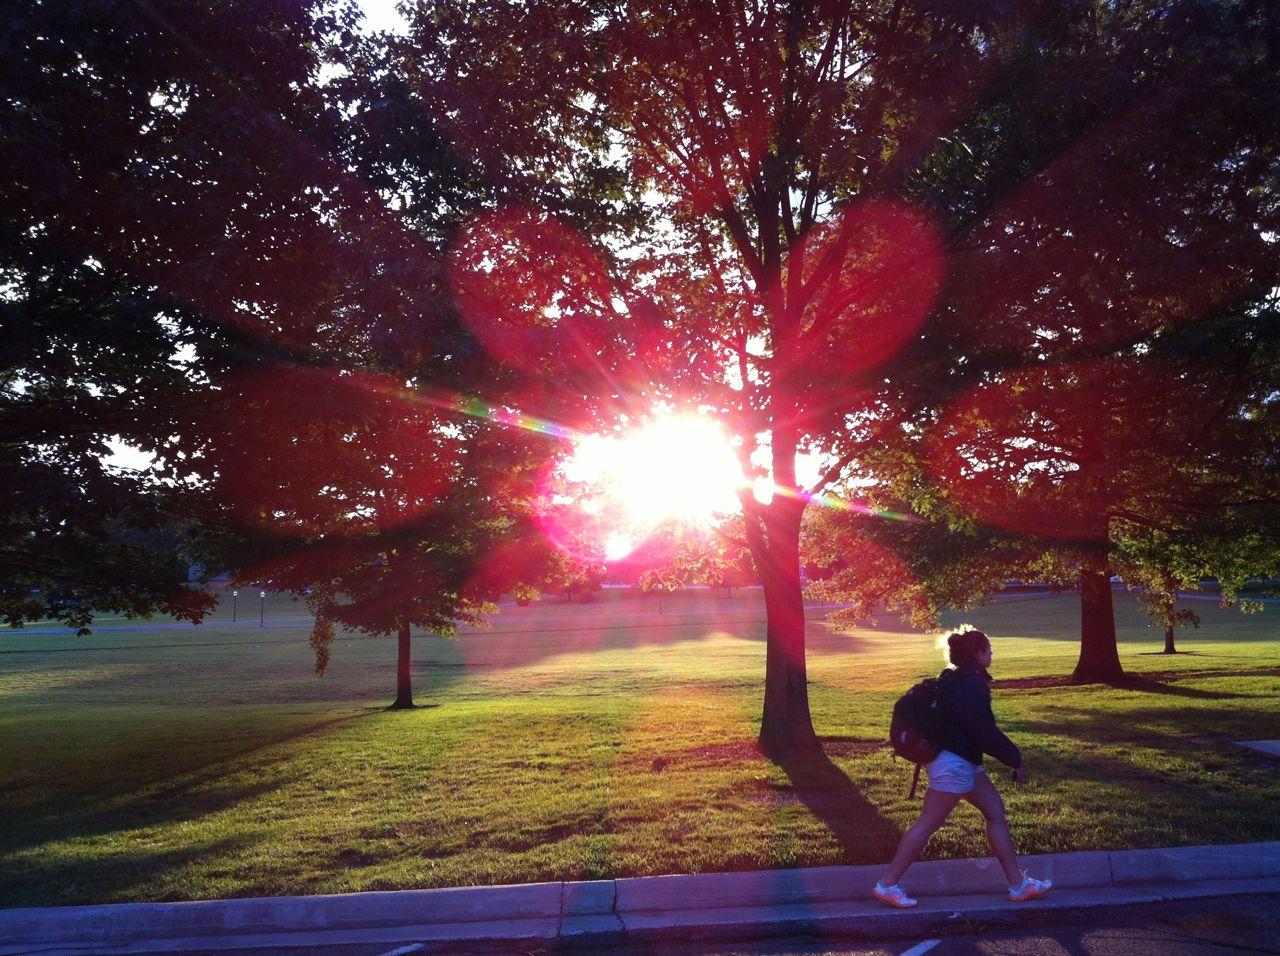 Virginia Tech Drillfield sunset Virginia tech campus